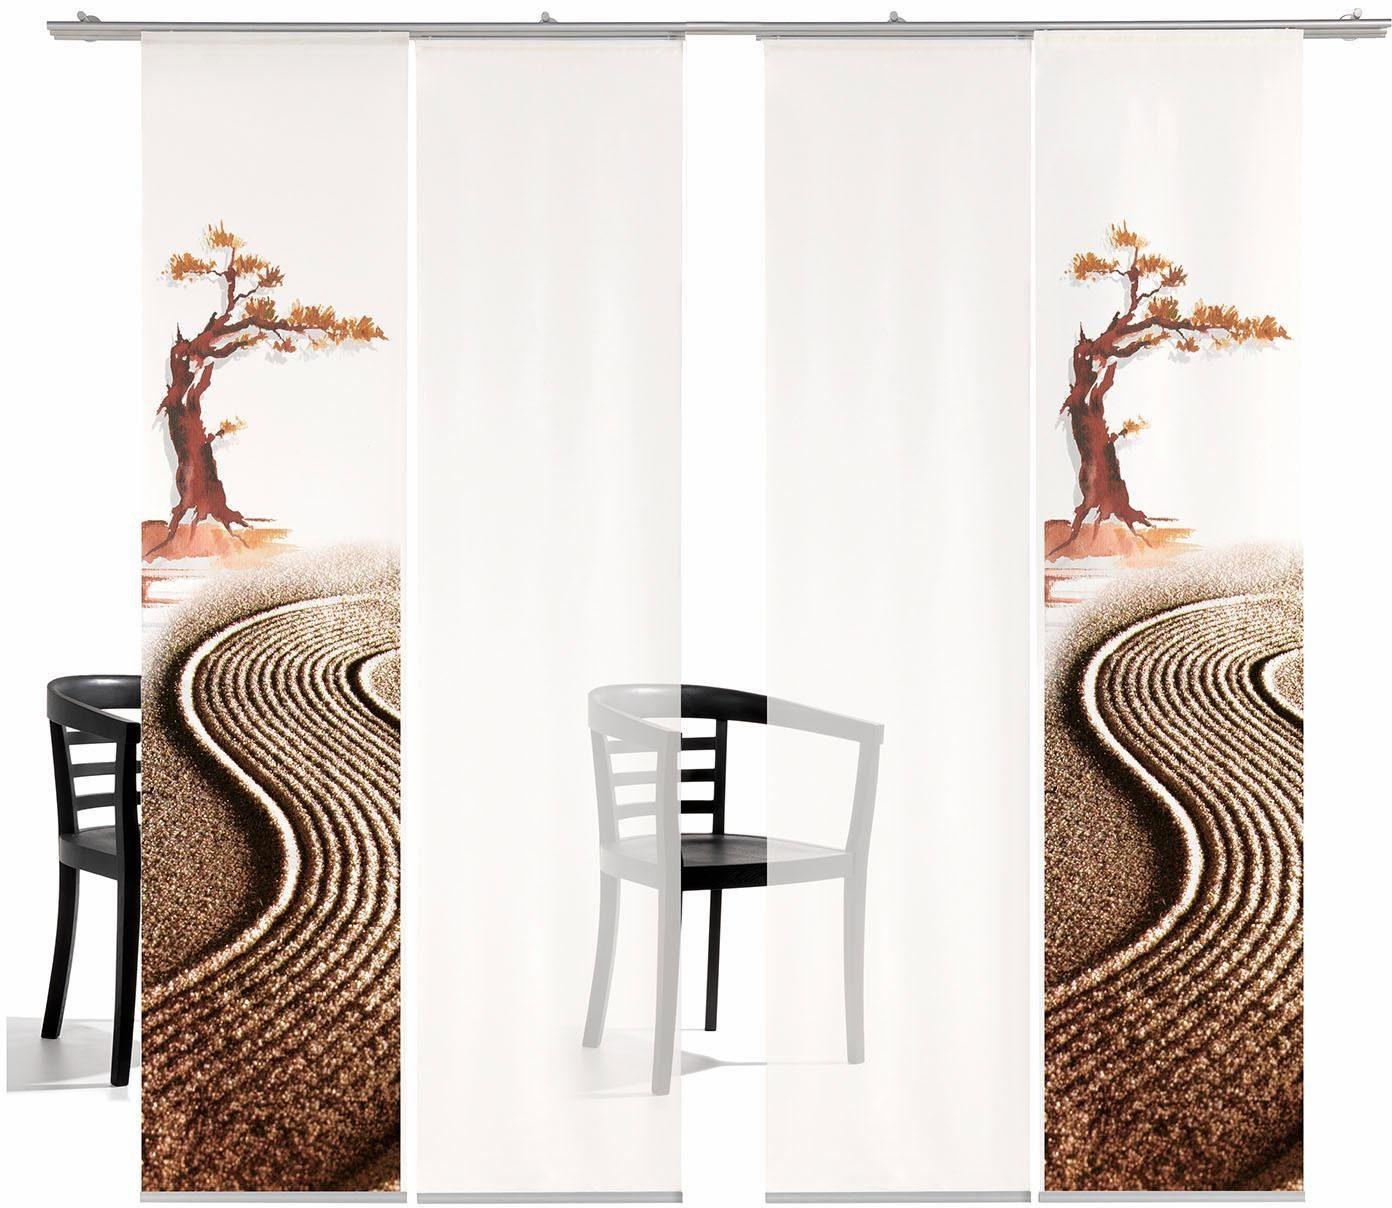 Schiebegardine »Bonsai TR«, emotion textiles, Klettband (4 Stück), inkl. Befestigungszubehör